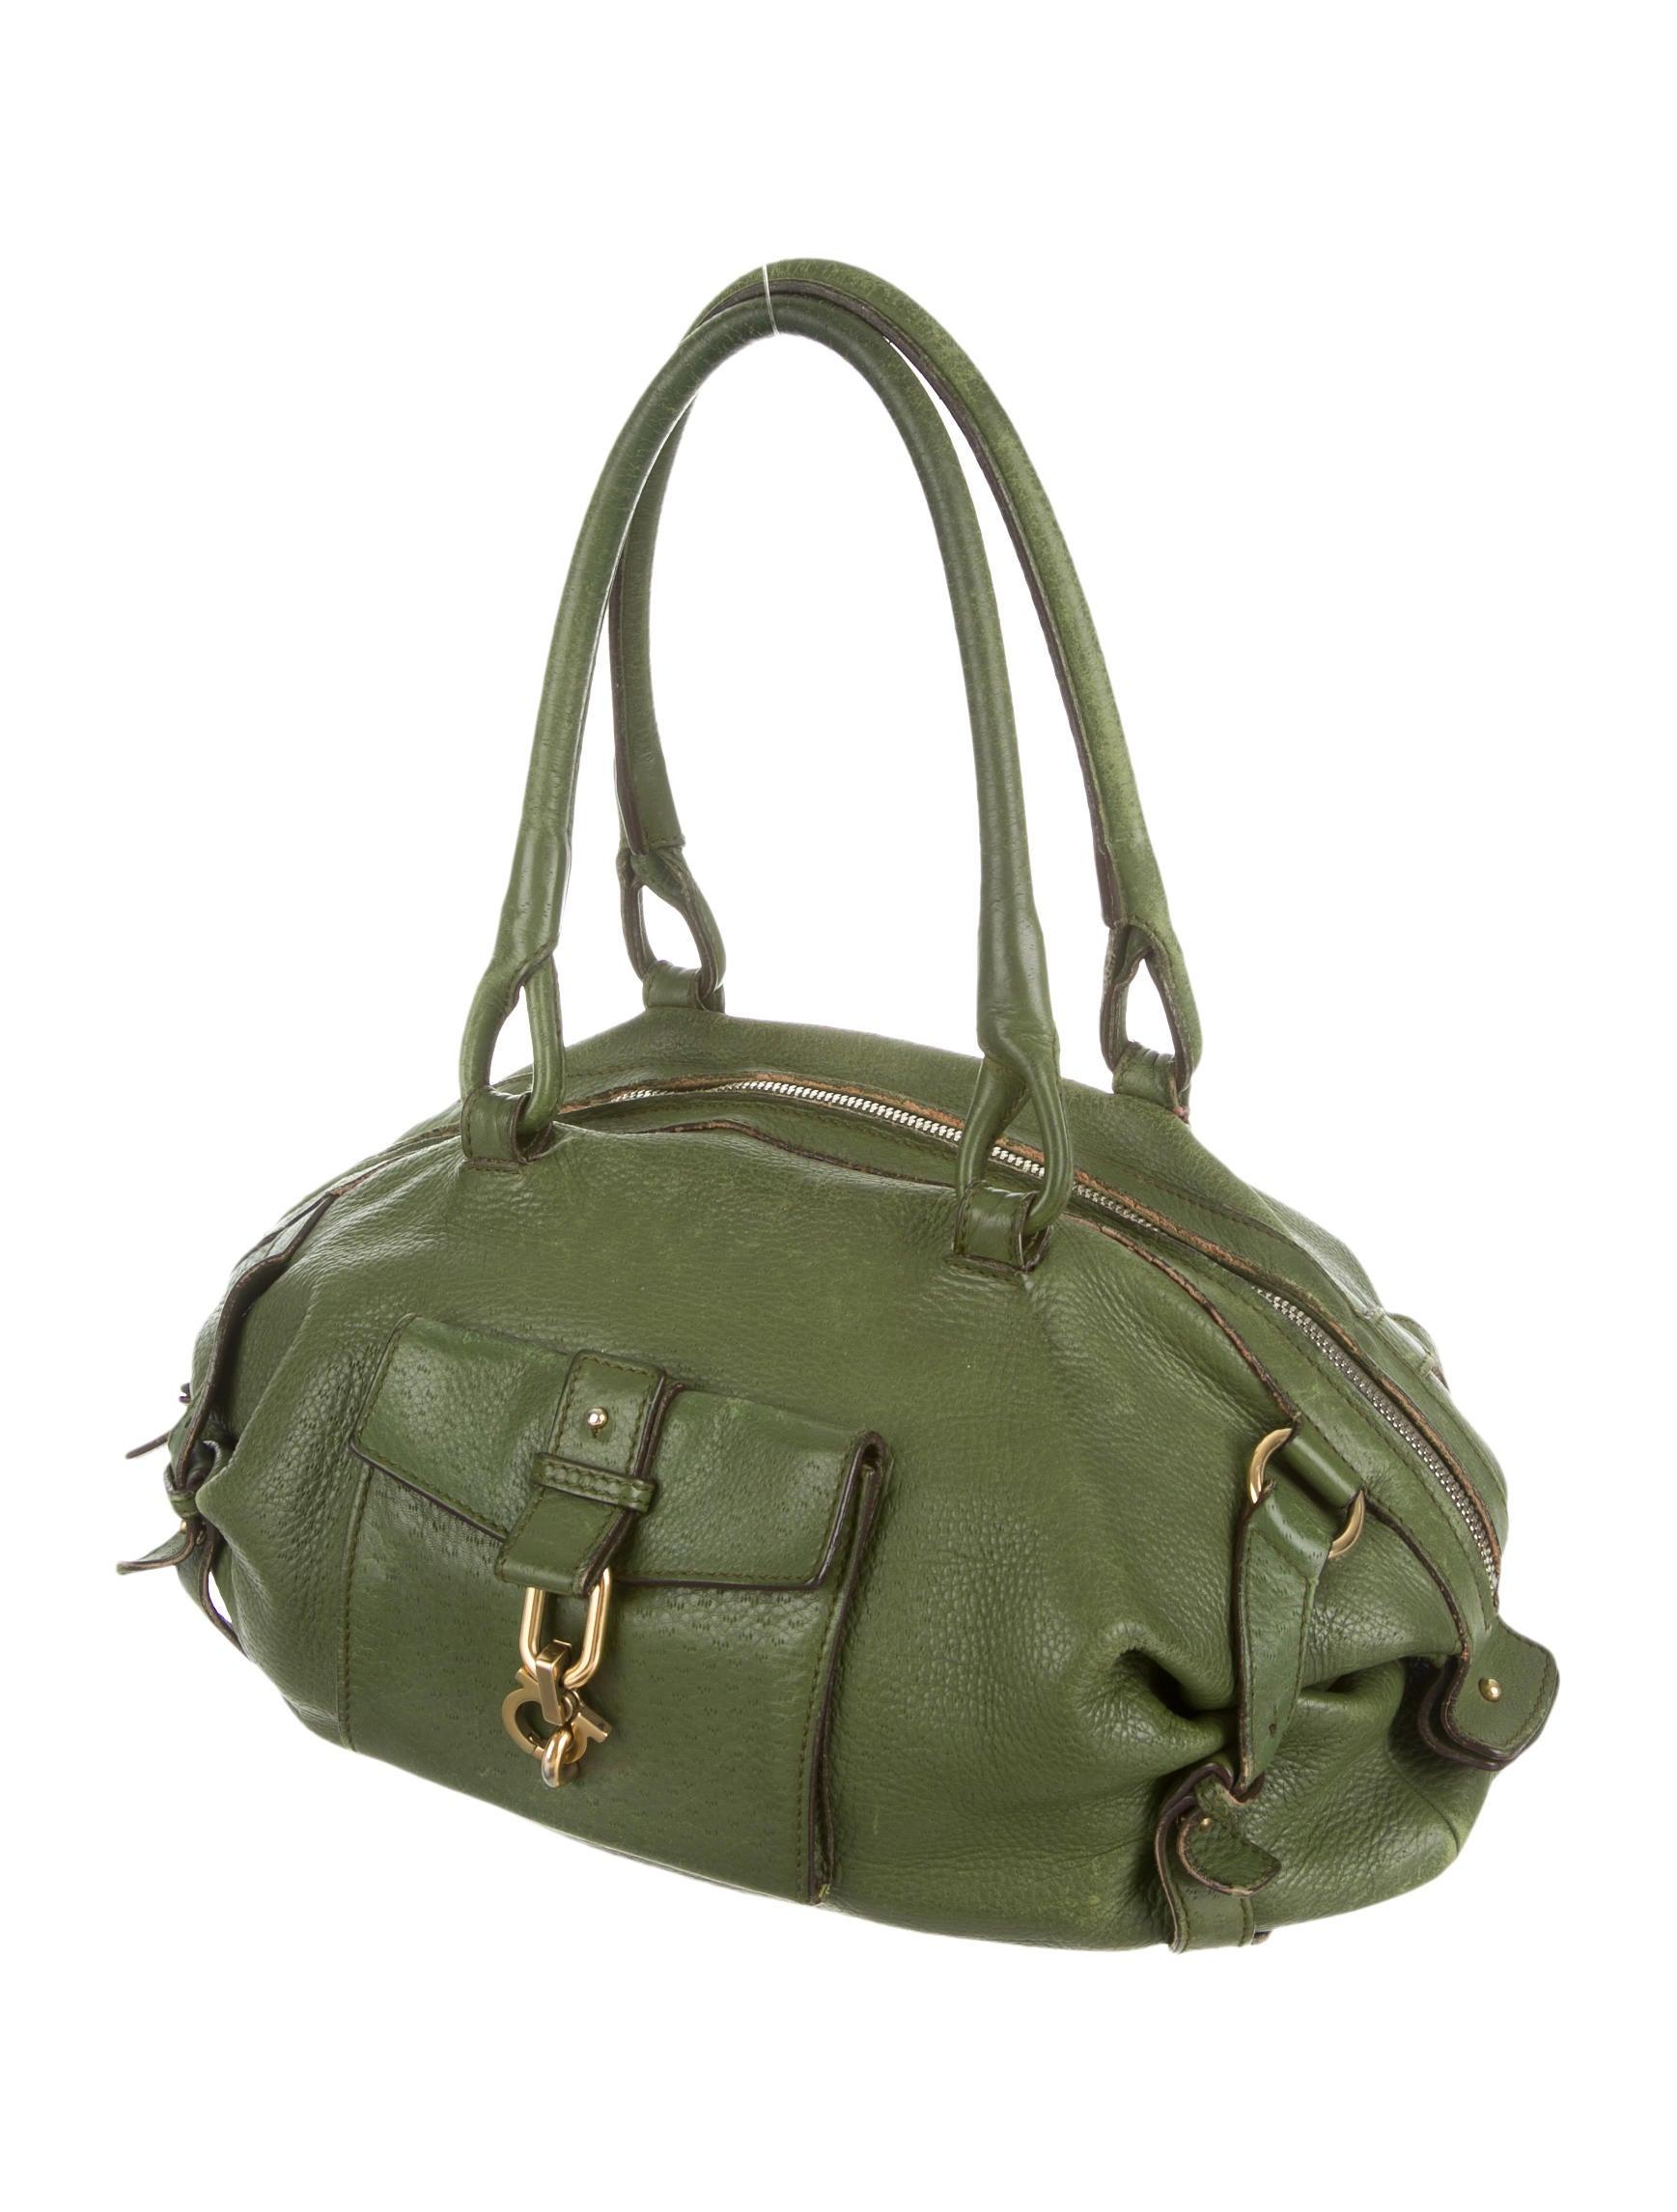 Brilliant Salvatore Ferragamo Womens Selma Shoulder Bag  Wwwteexecom